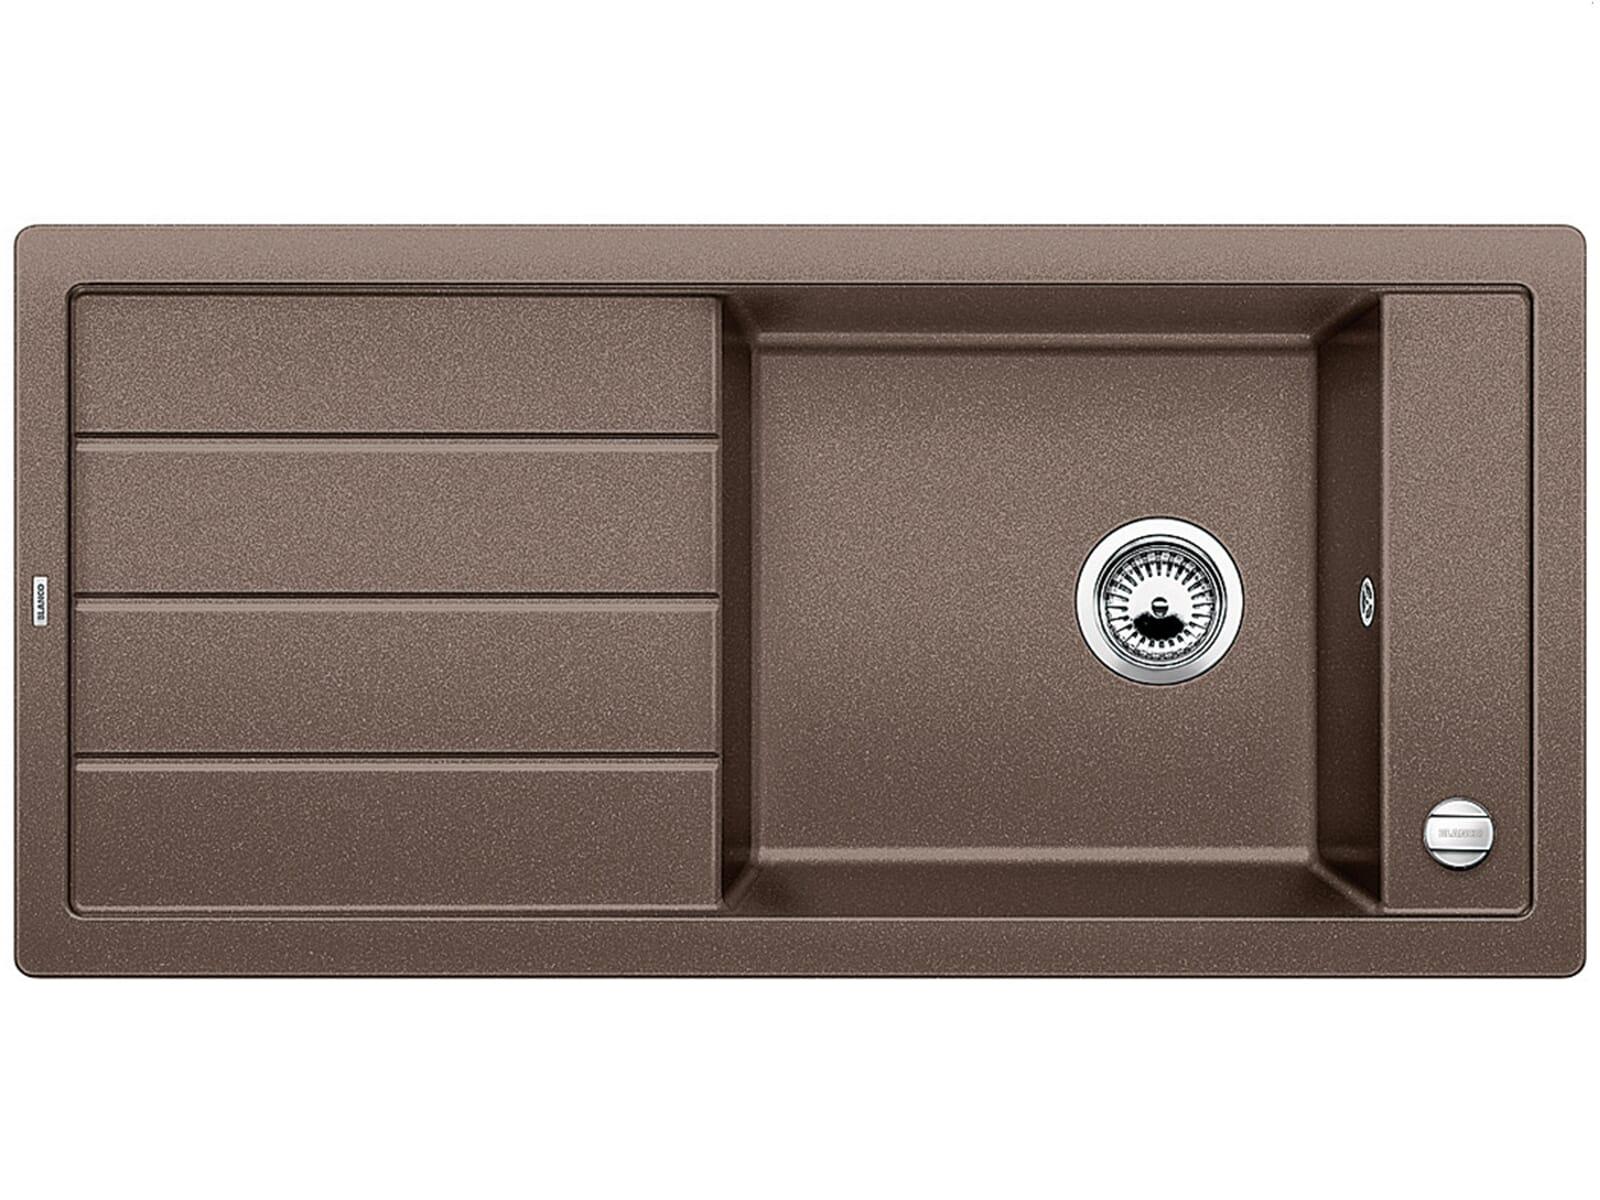 blanco mevit xl 6 s cafe granit sp le f r 248 90 eur. Black Bedroom Furniture Sets. Home Design Ideas